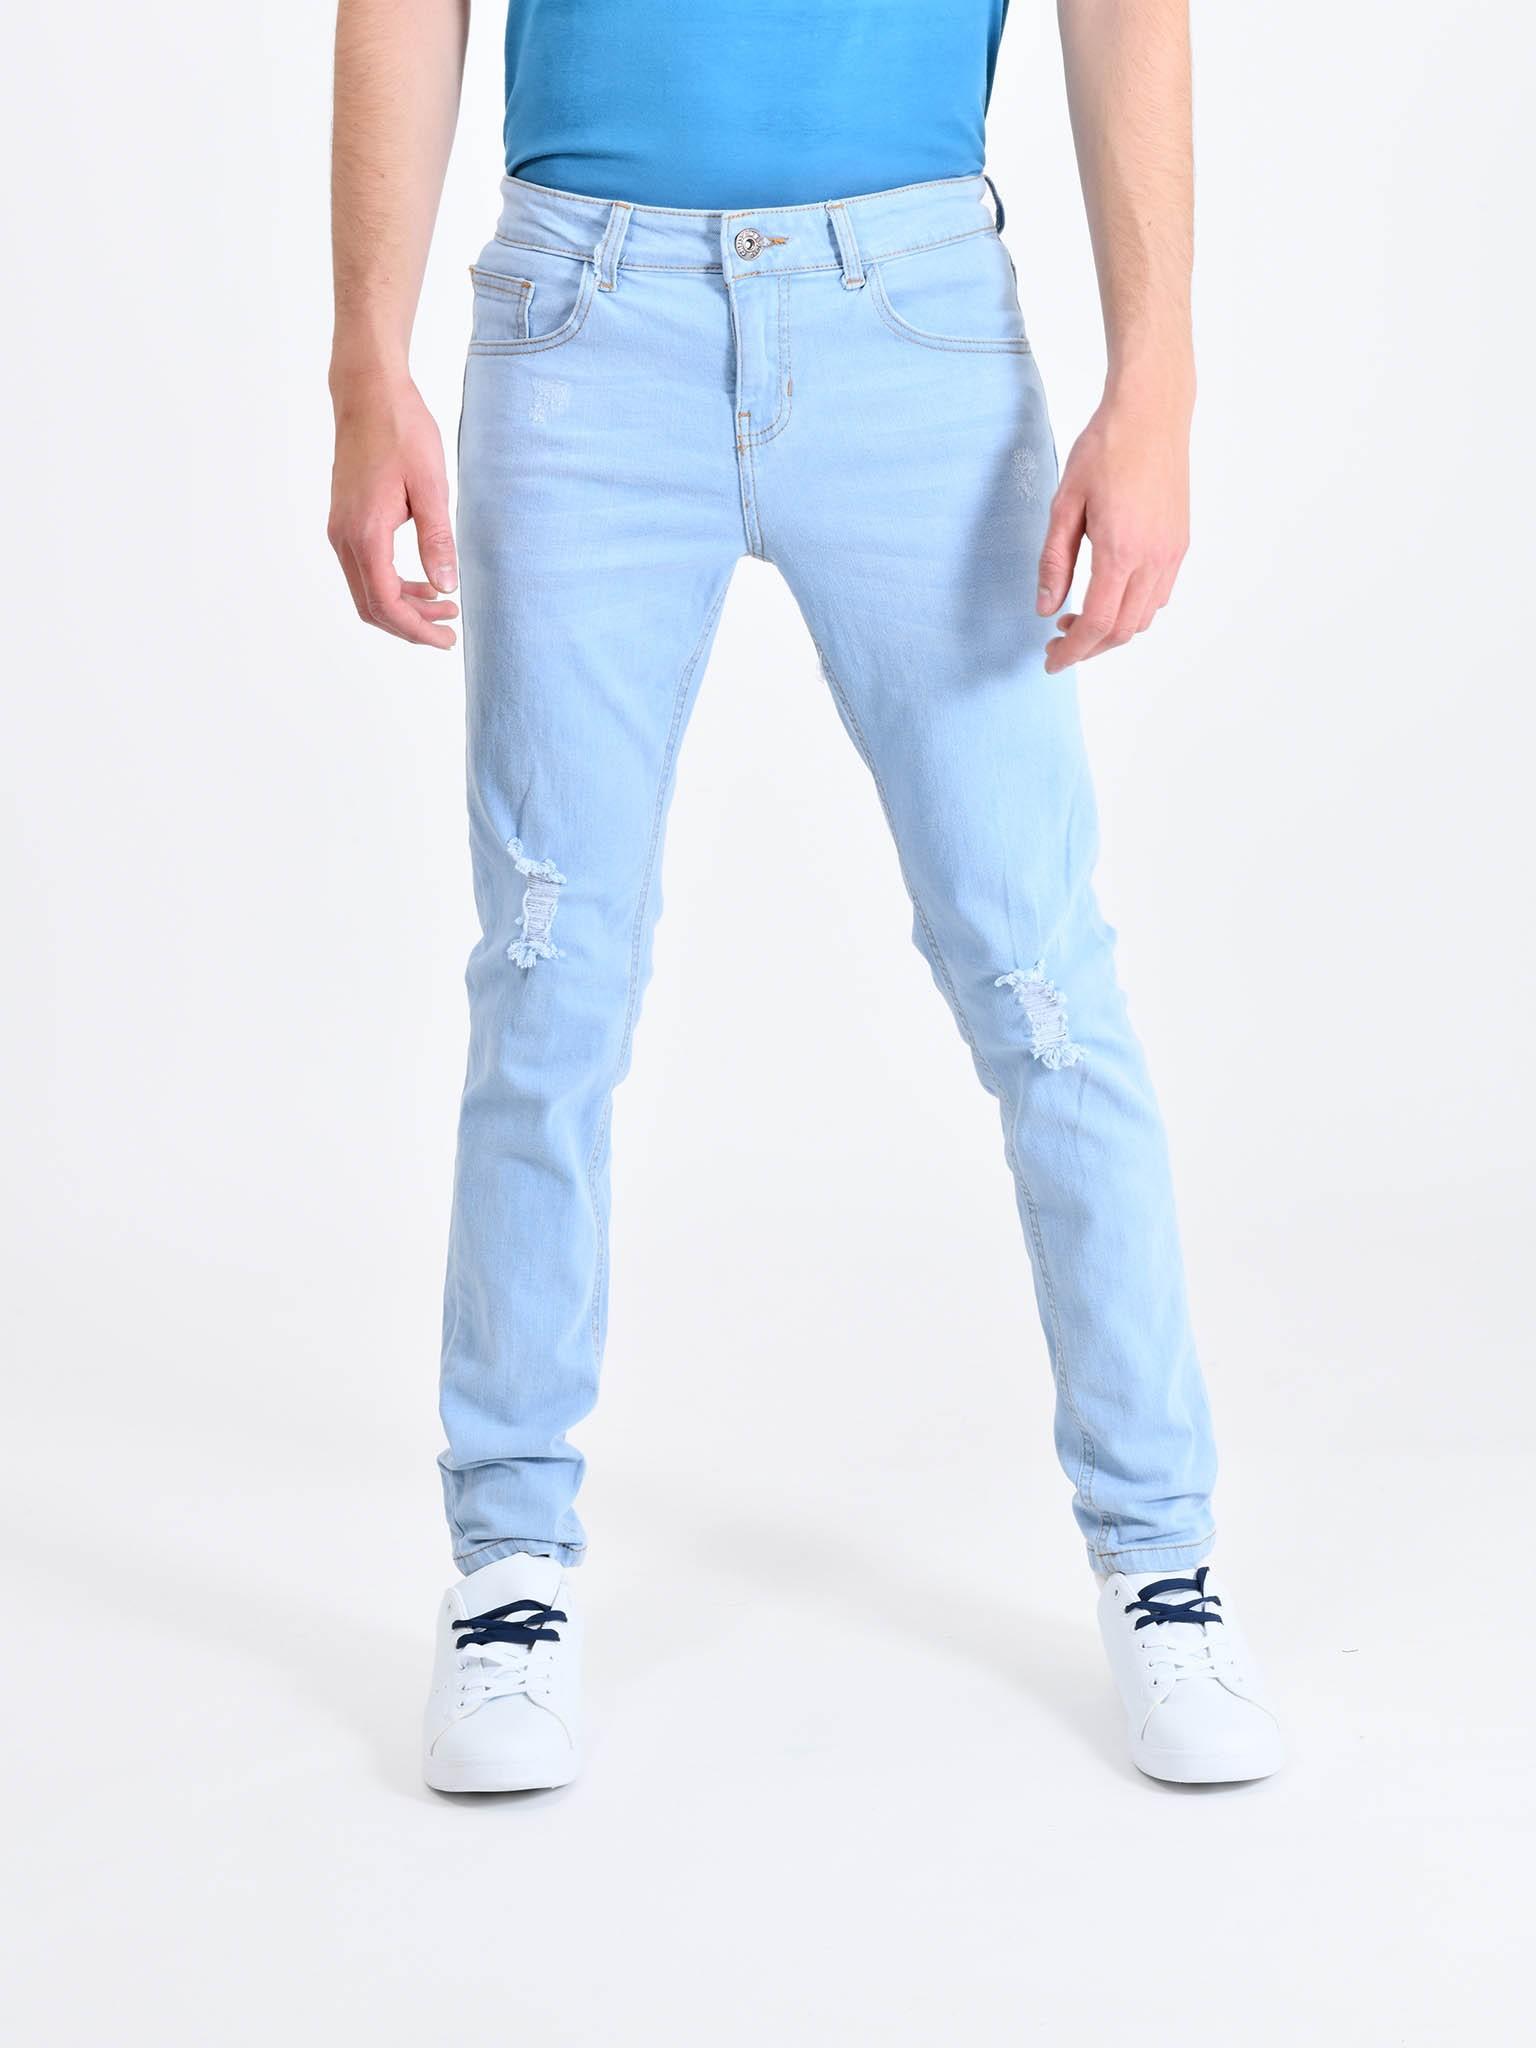 bcbbb91a3f Cuidado con el Perro - Jeans Skinny